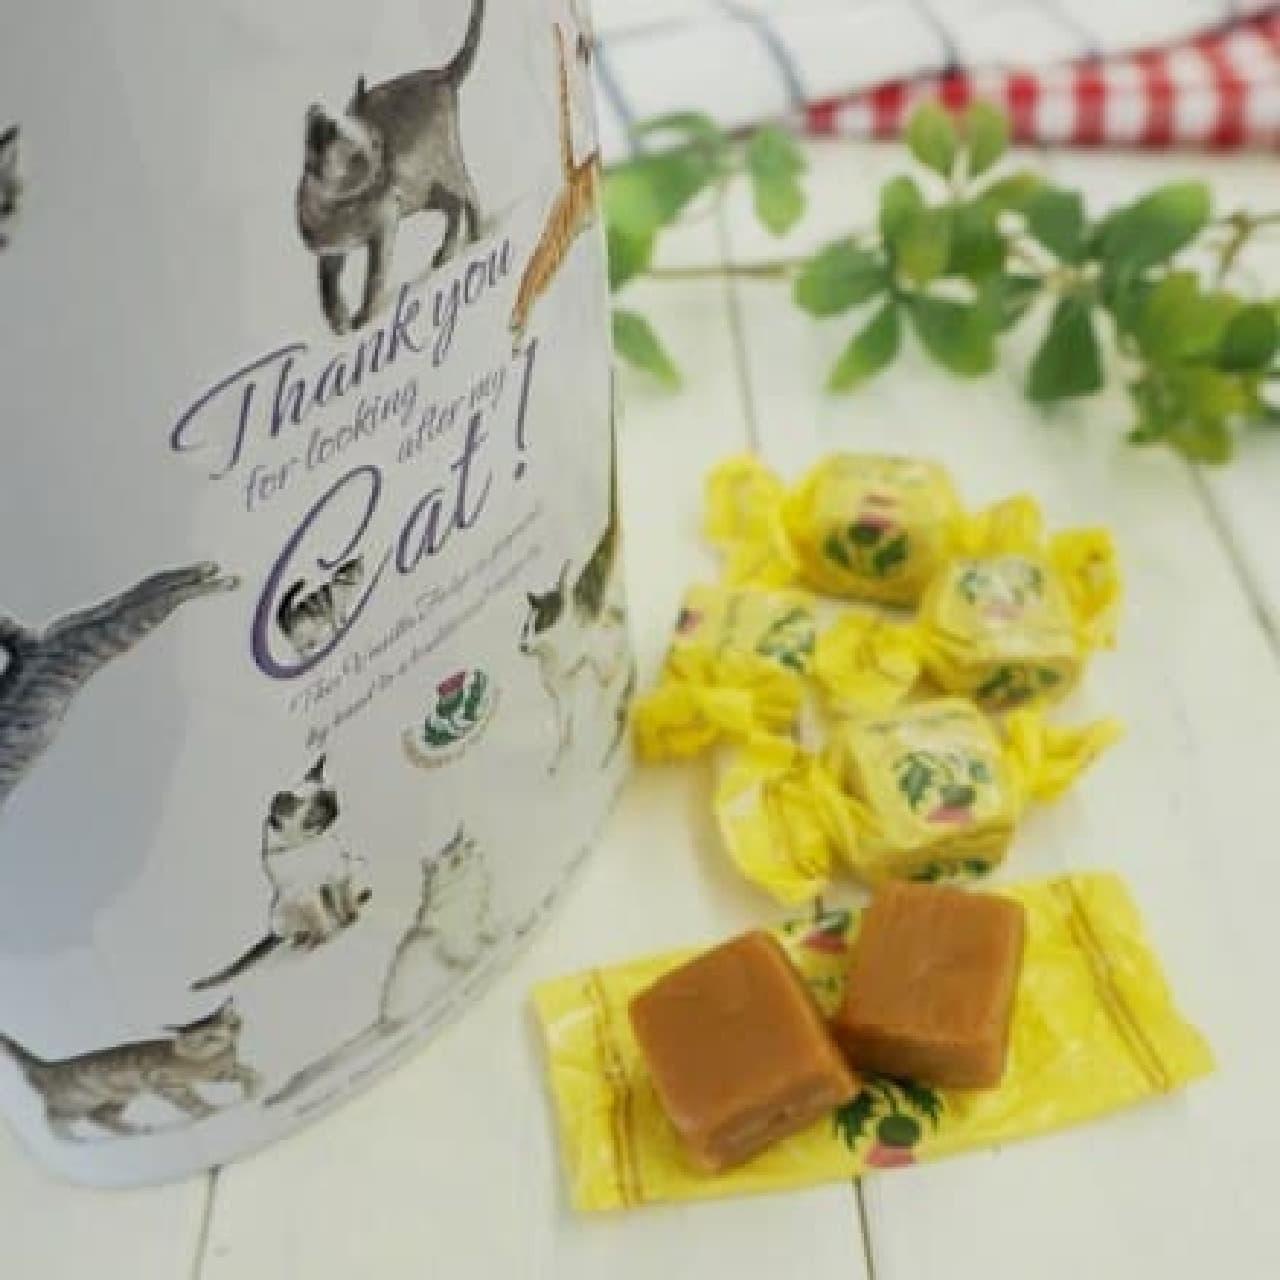 カルディコーヒーファーム「ガーディナー バニラファッジ キャット缶」